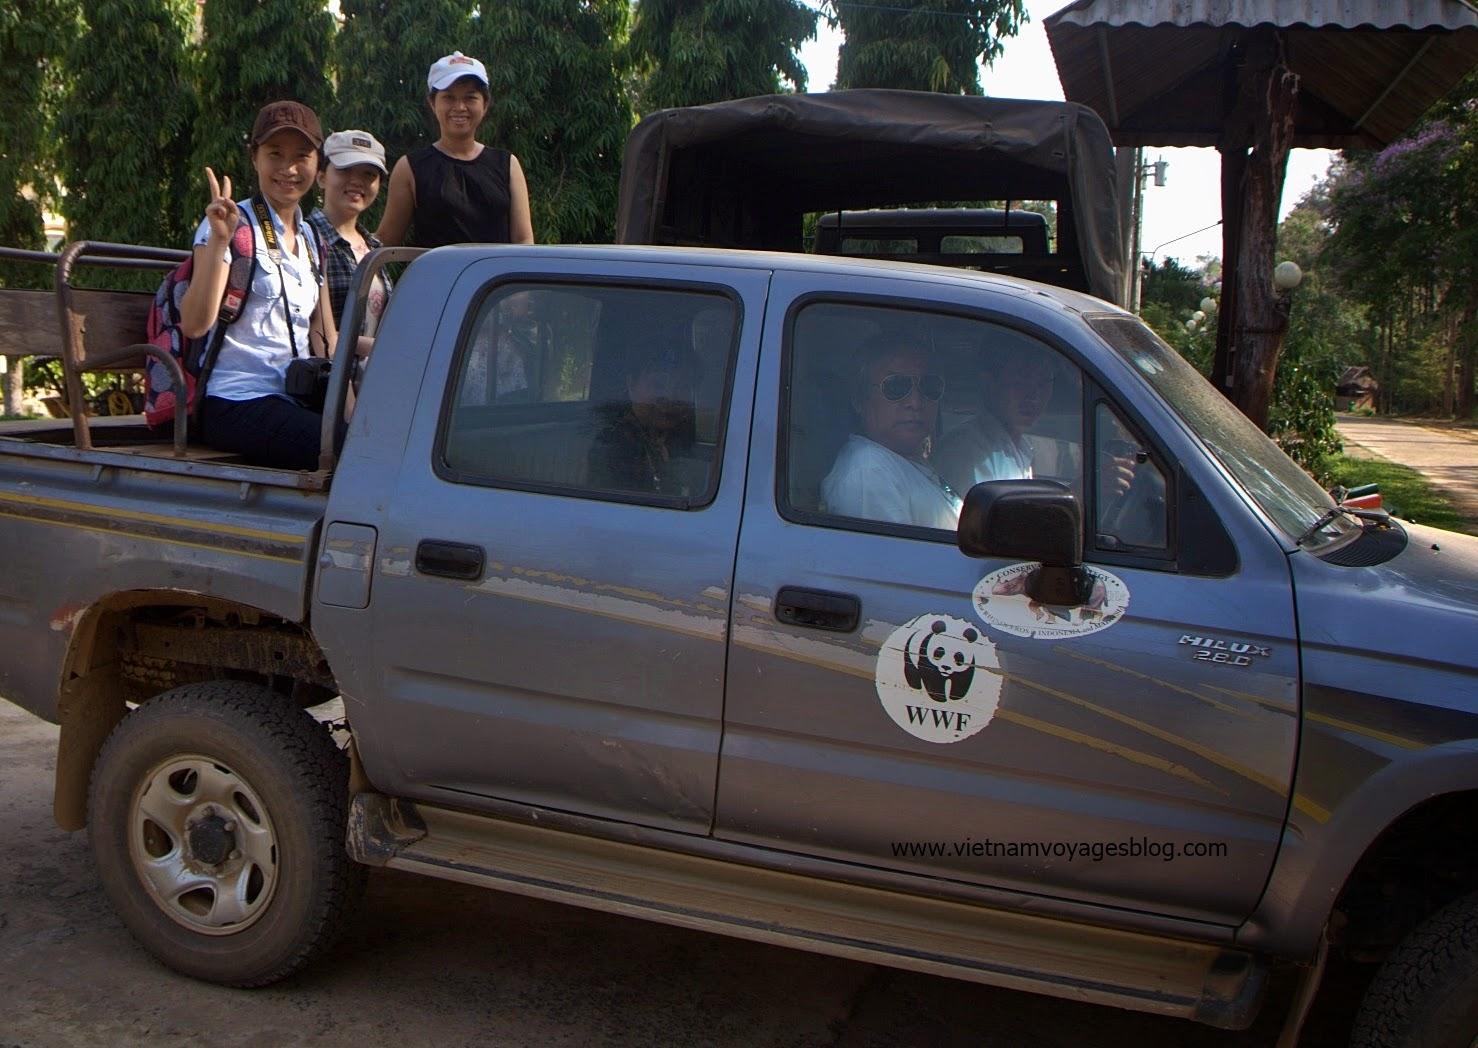 Đoàn chúng tôi tham quan rừng bằng xe chuyên dụng